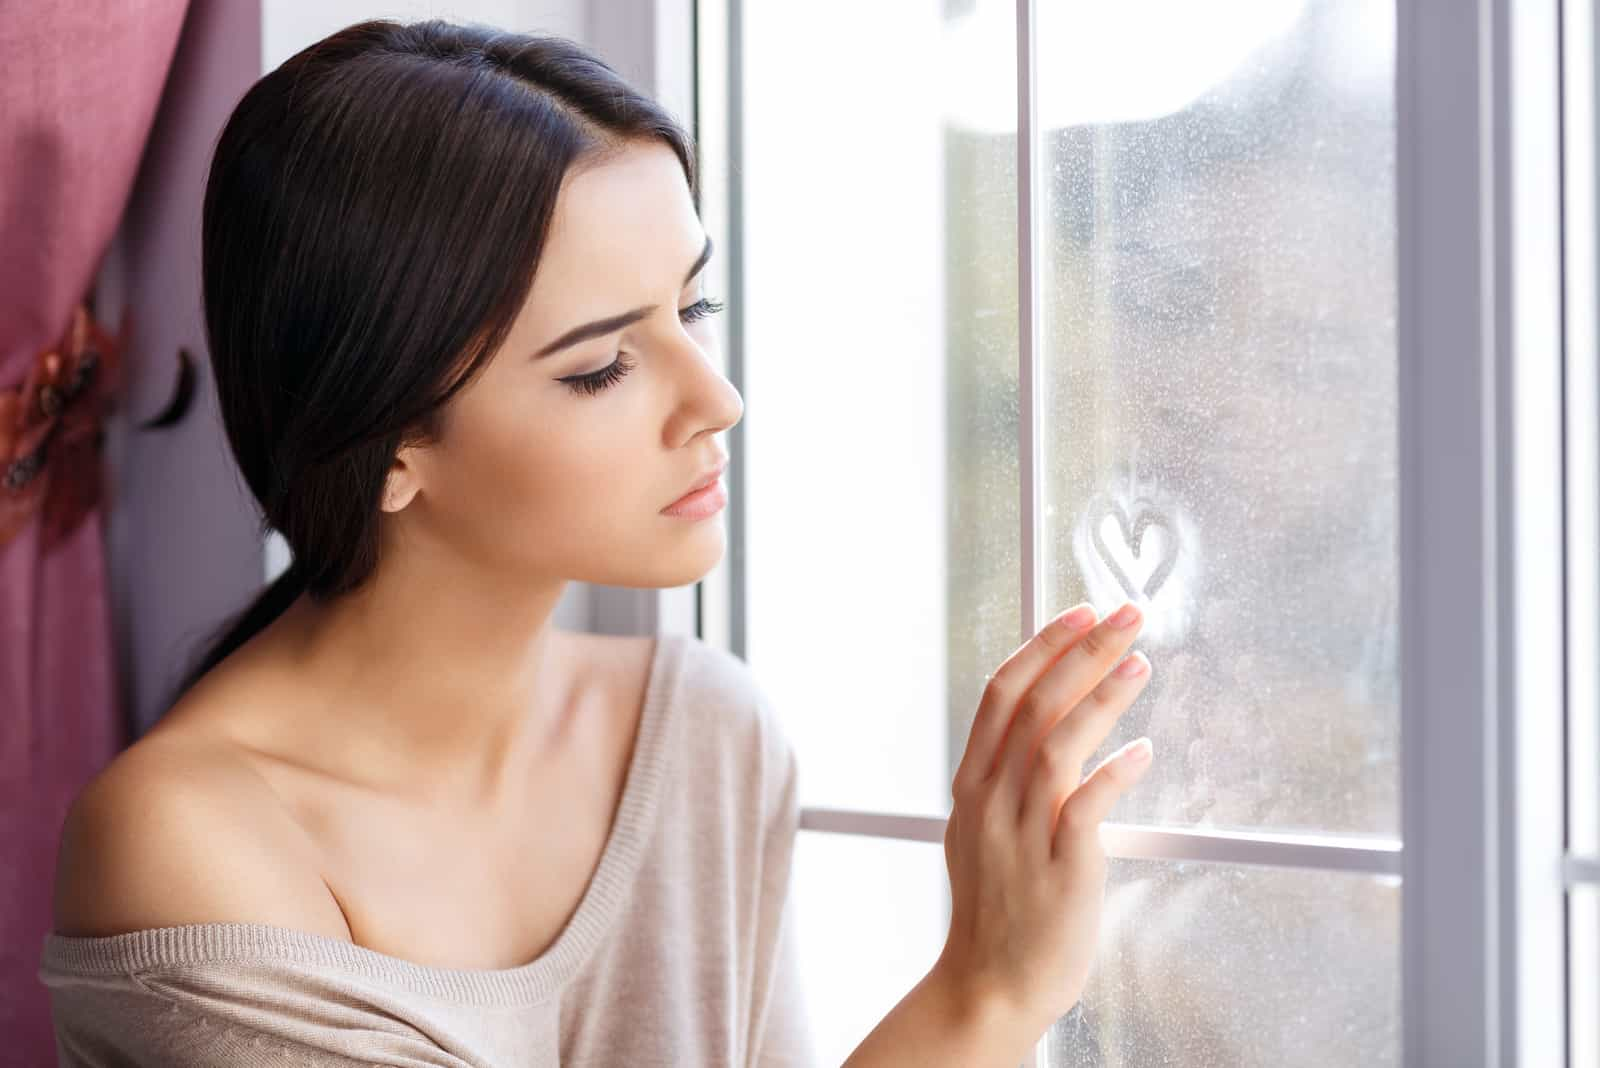 la femme dessine un cœur sur la fenêtre